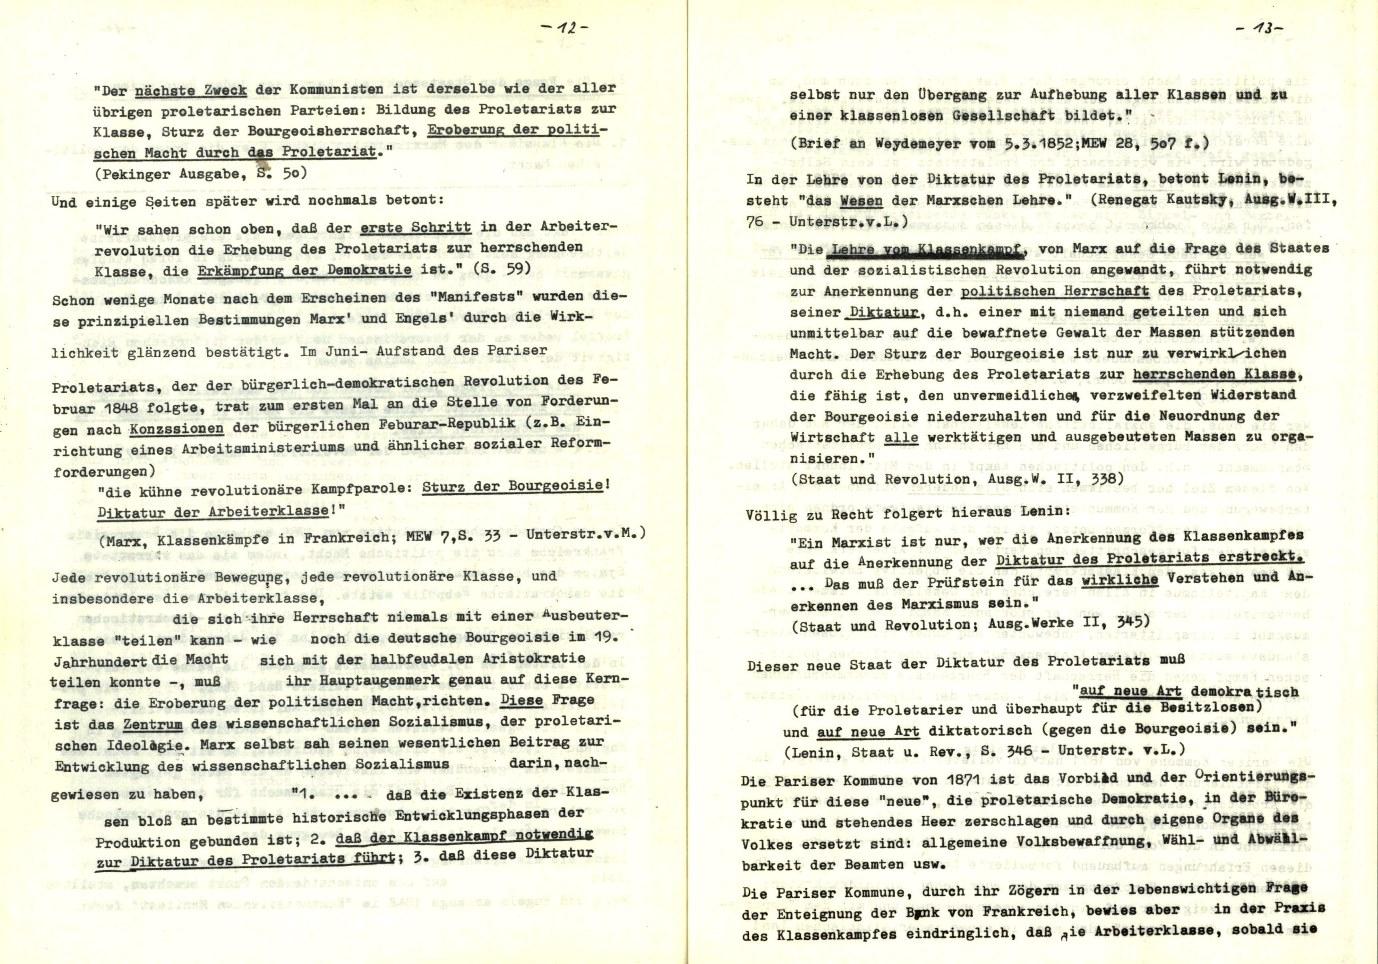 KGBE_Ehemalige_1977_Kritik_an_der_KGBE_10